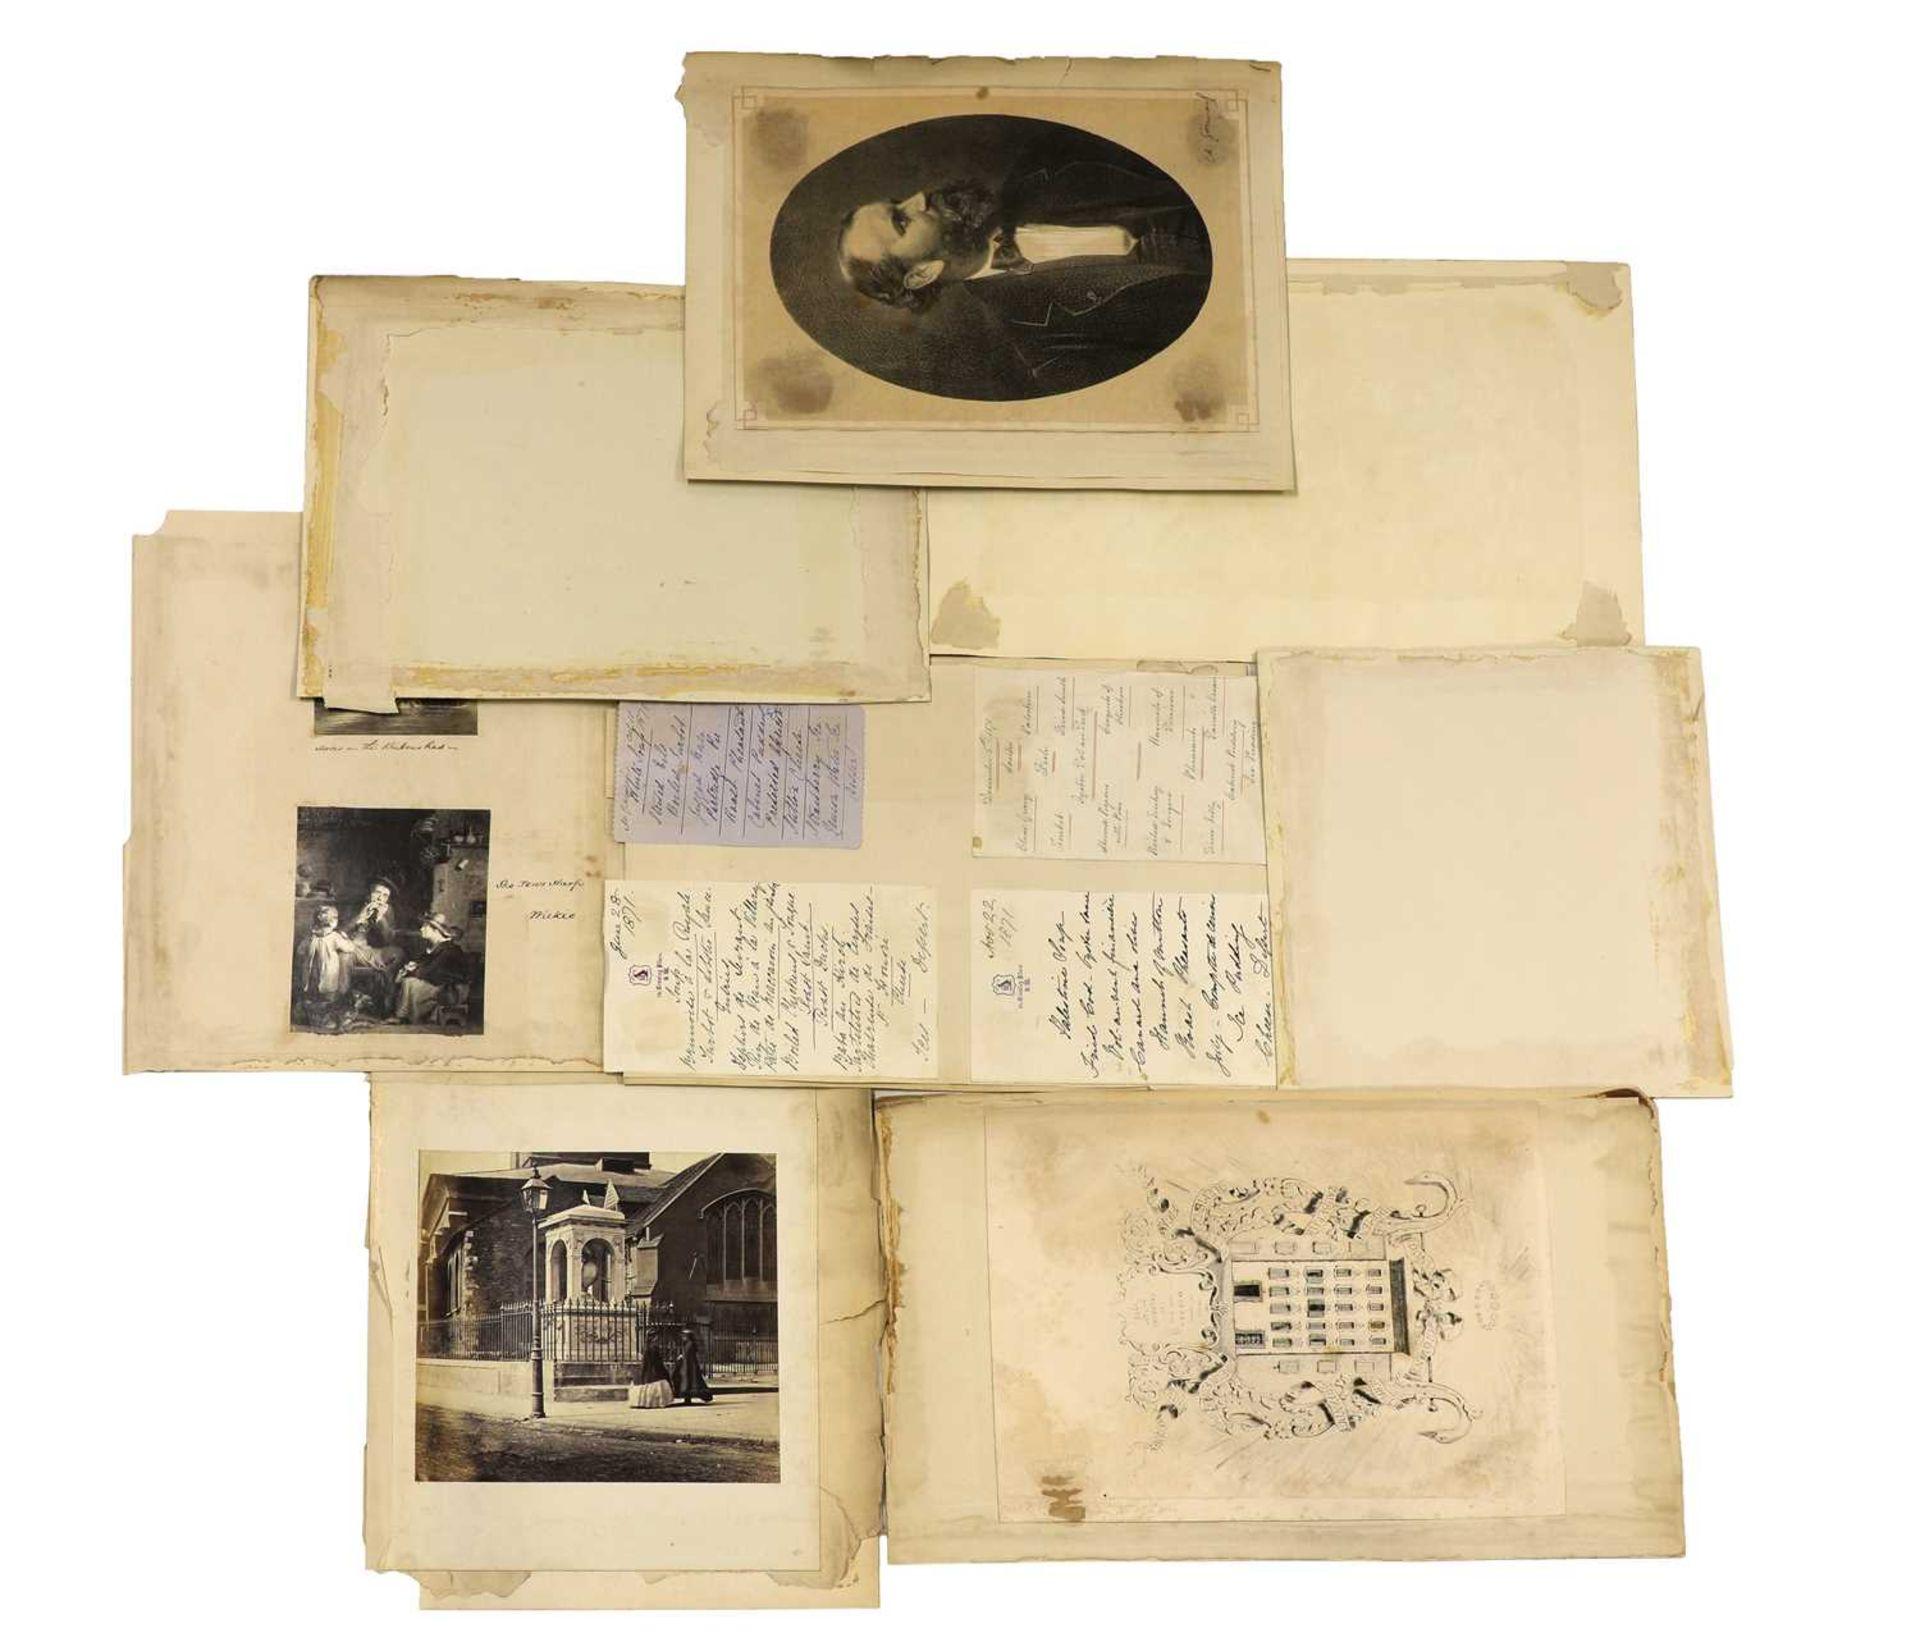 JAMES HEDDERLY (1814-1885) - Image 2 of 2